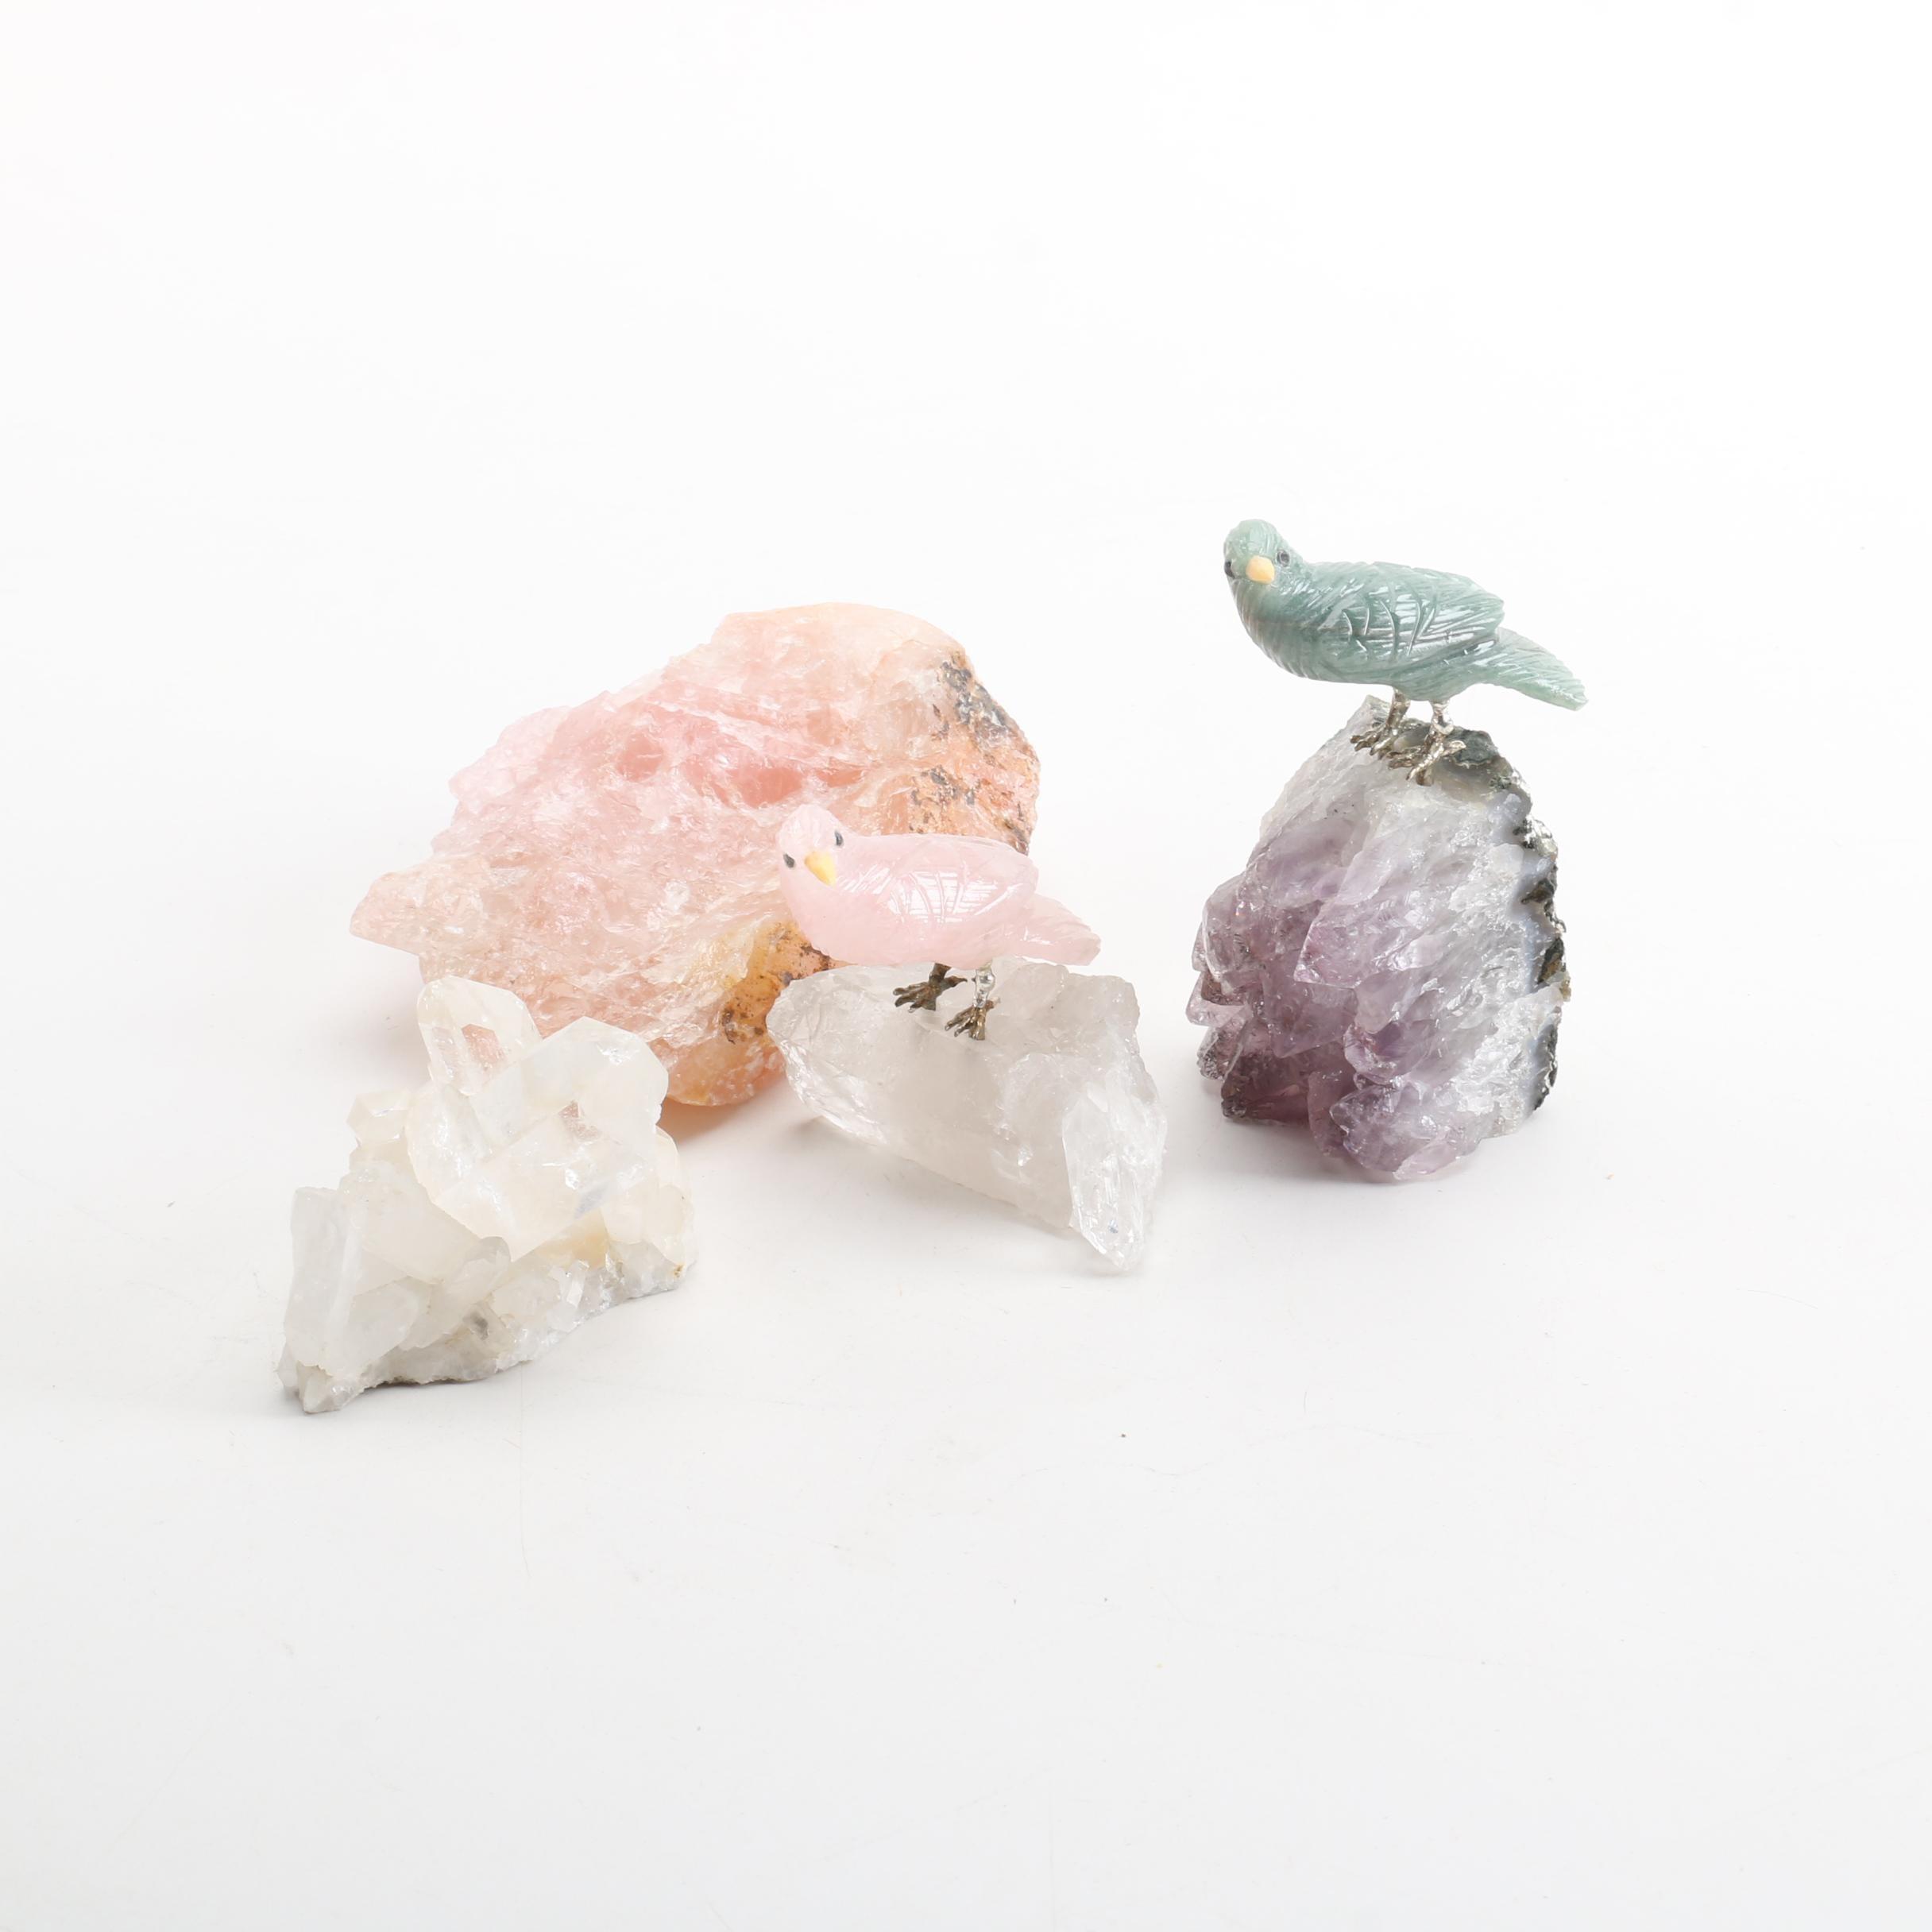 Quartz Mineral Specimens